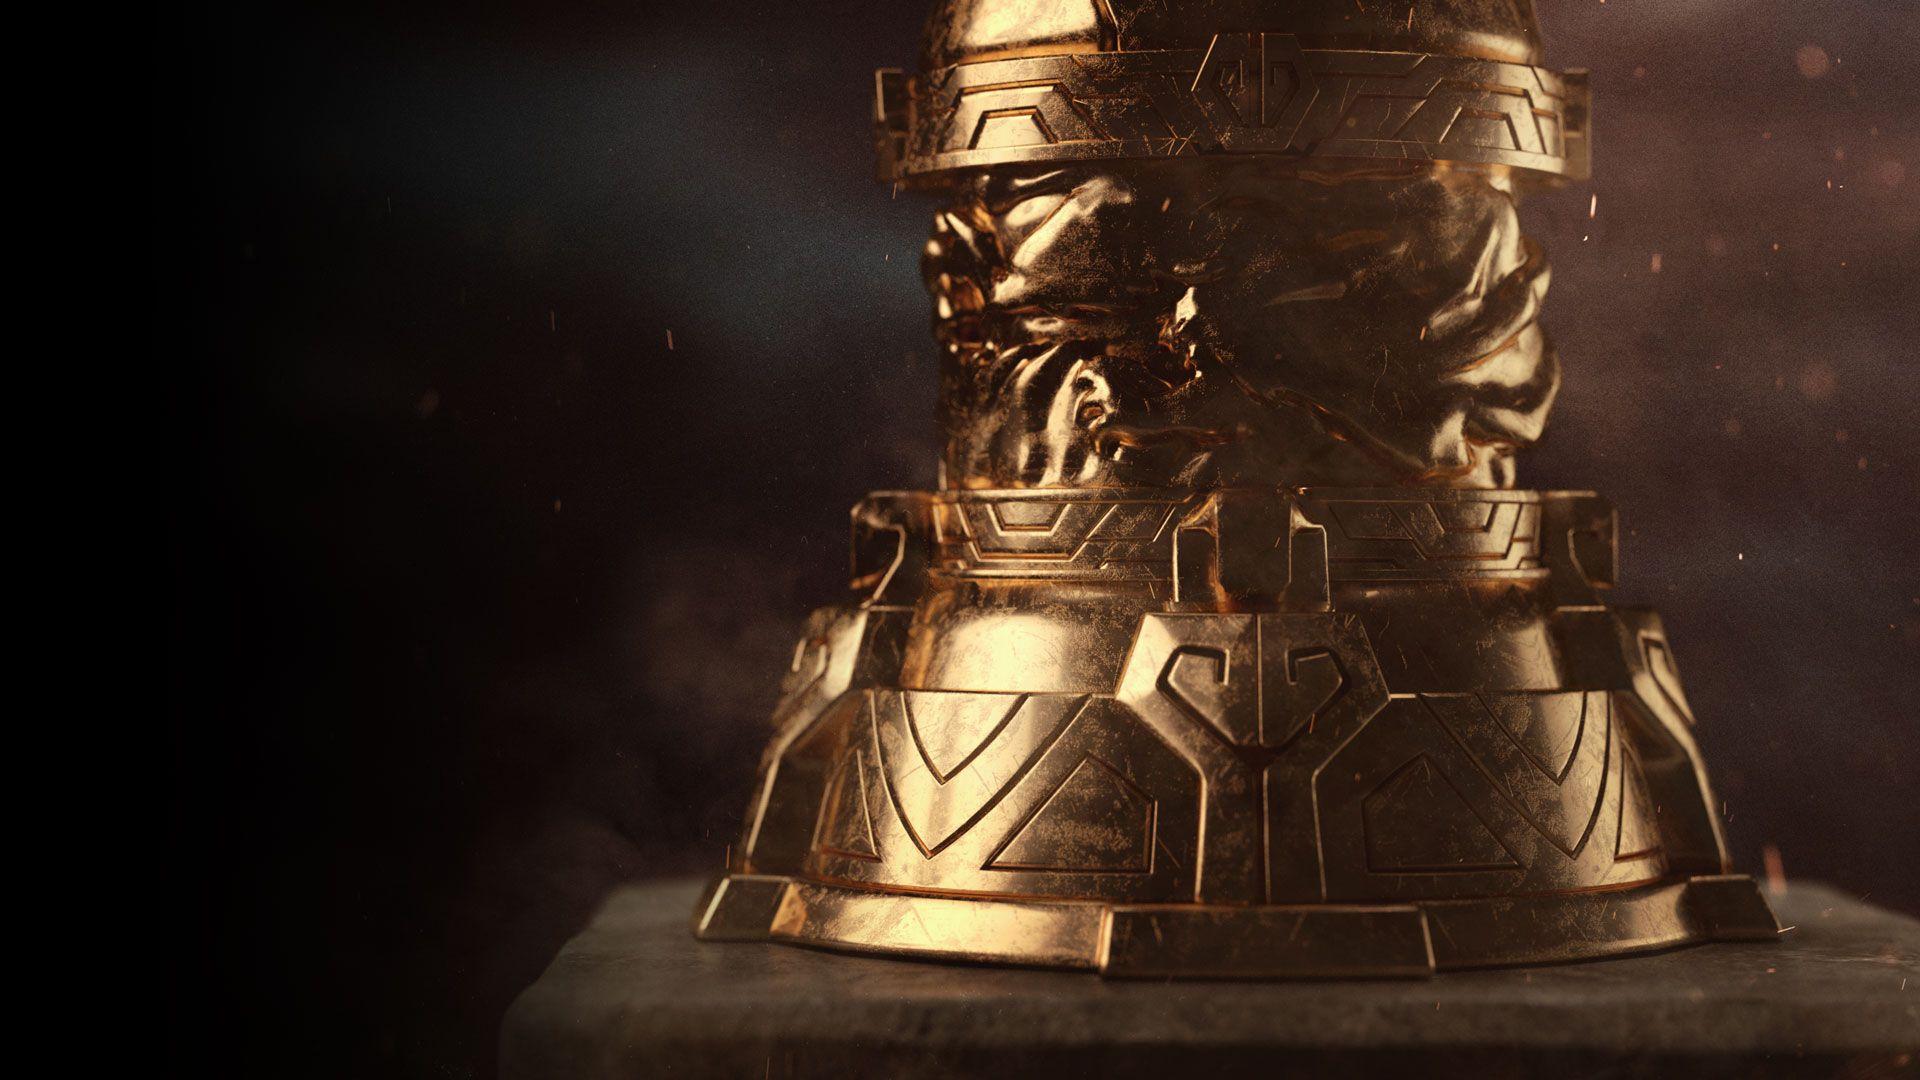 Comienza la fase de grupos del MSI 2019 de League of Legends